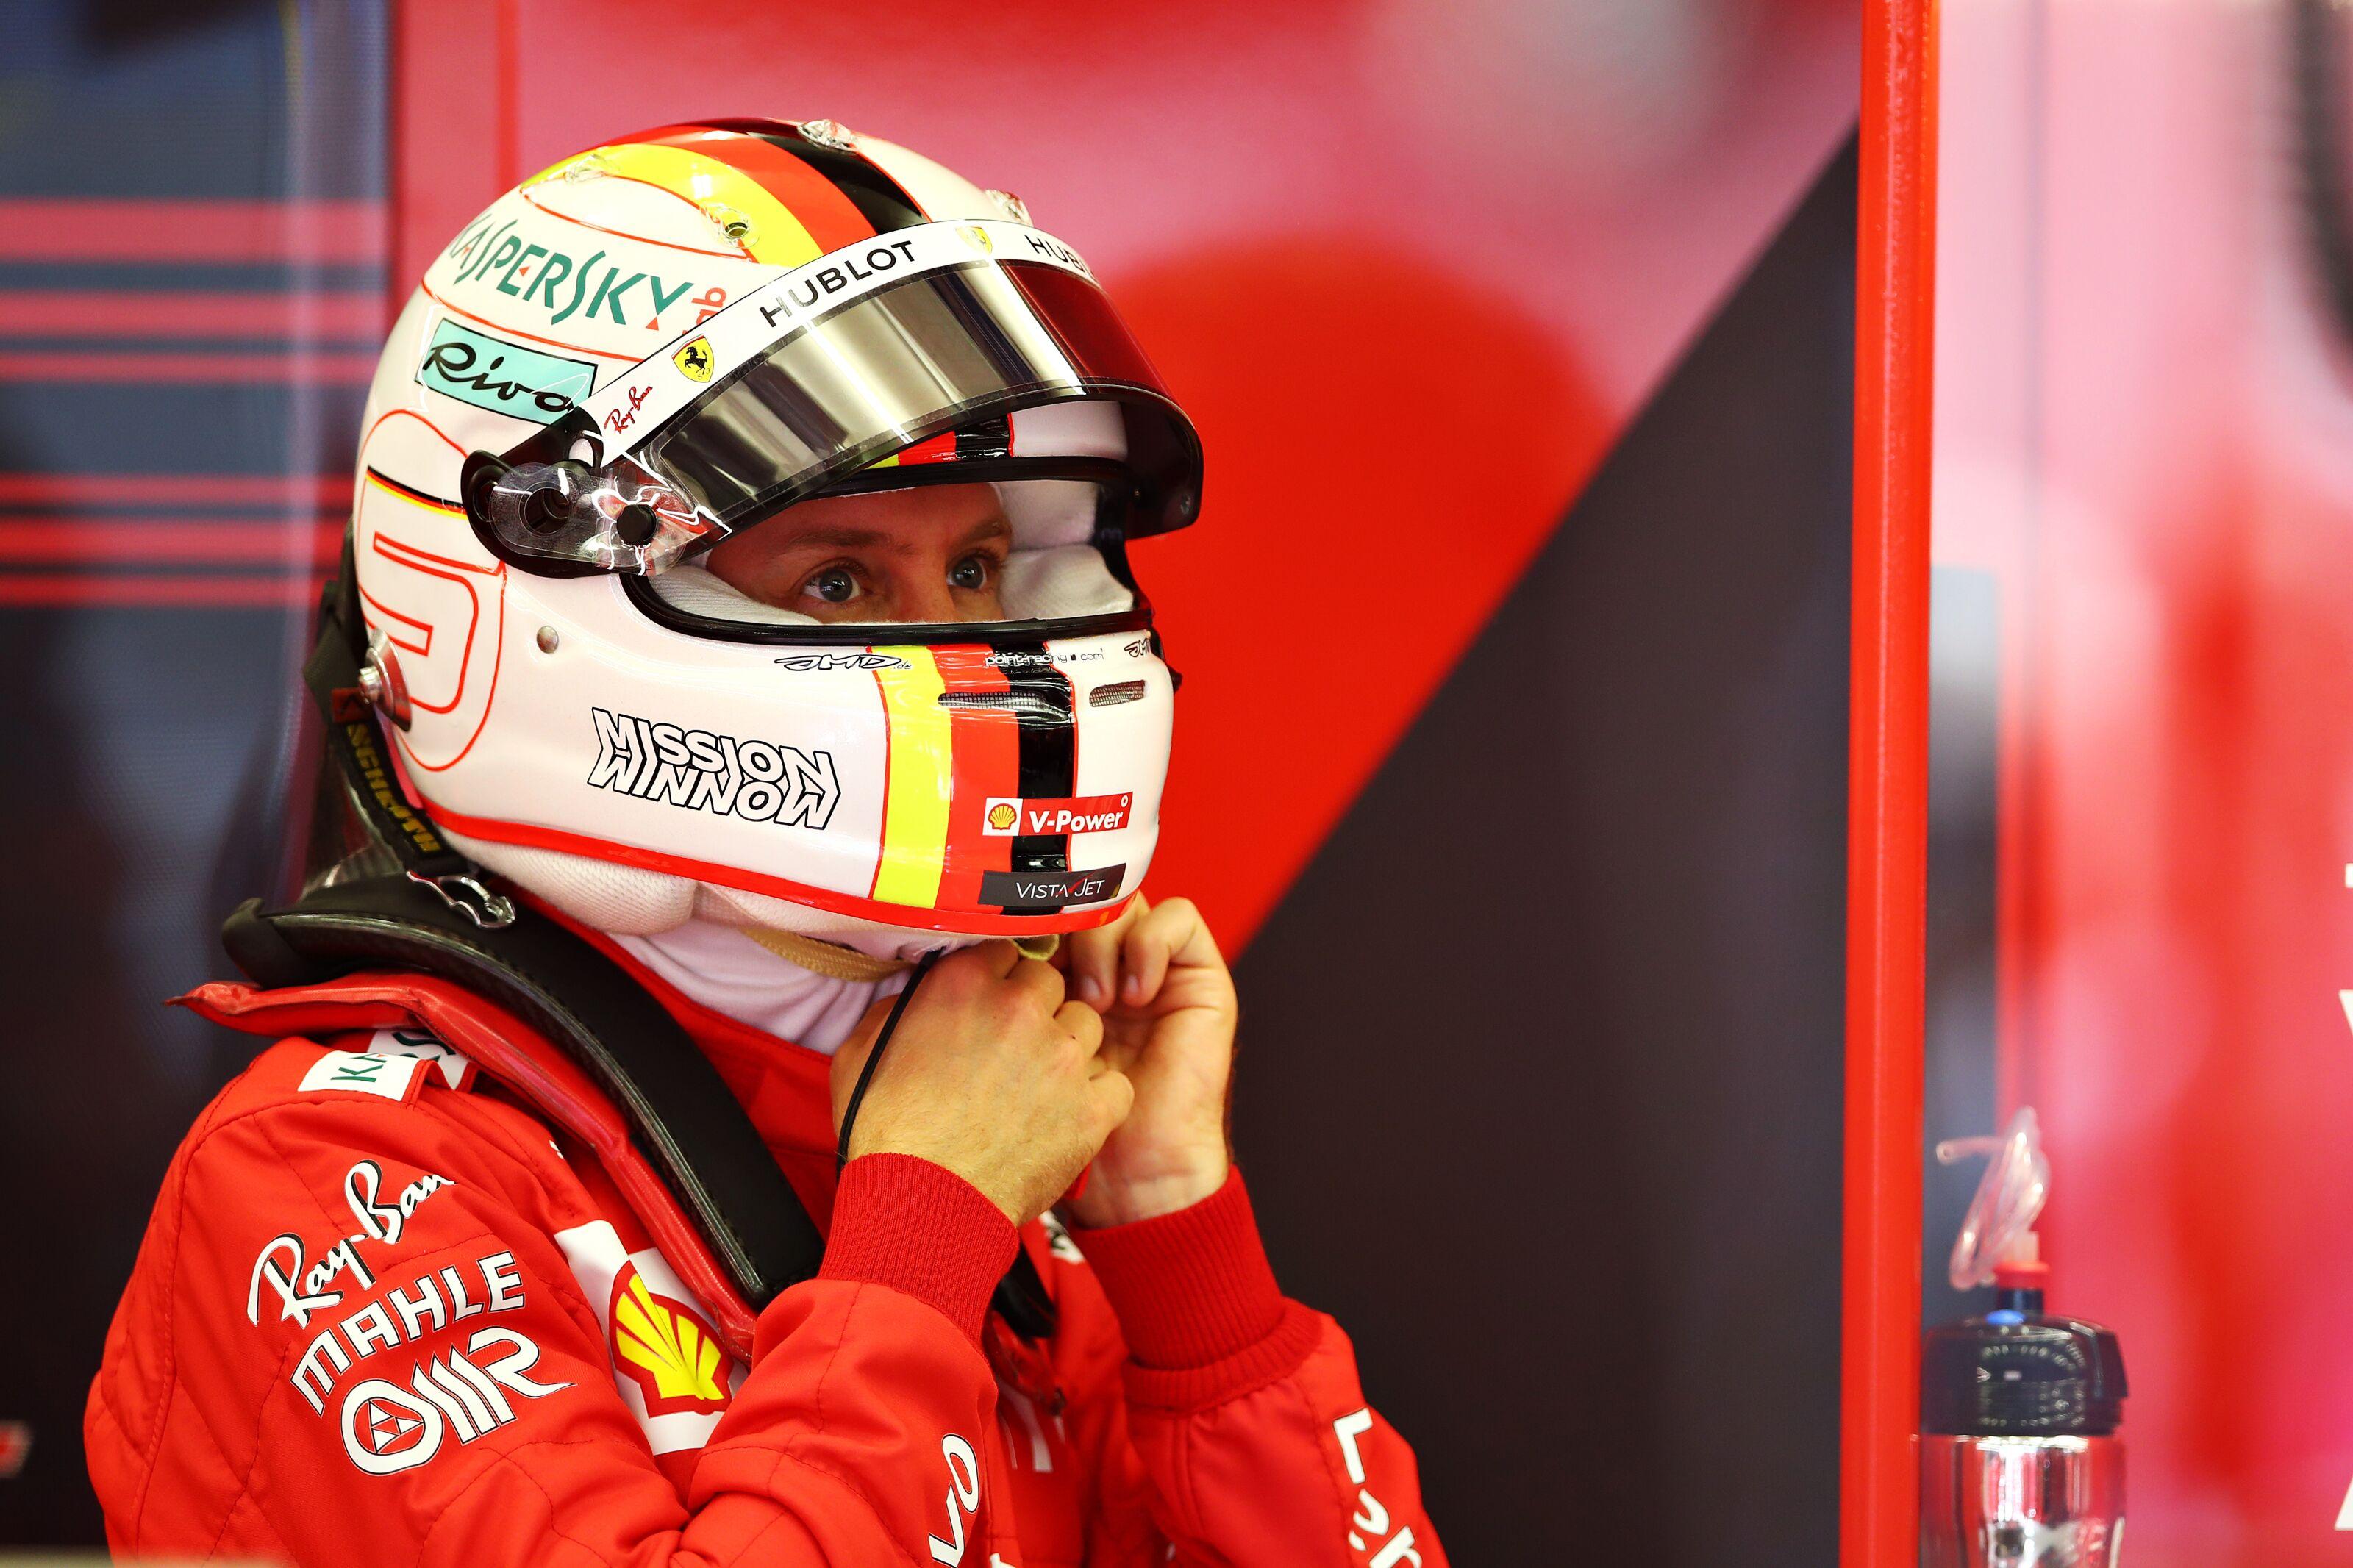 Formula 1: It's time for Ferrari to move past Sebastian Vettel's championship hopes